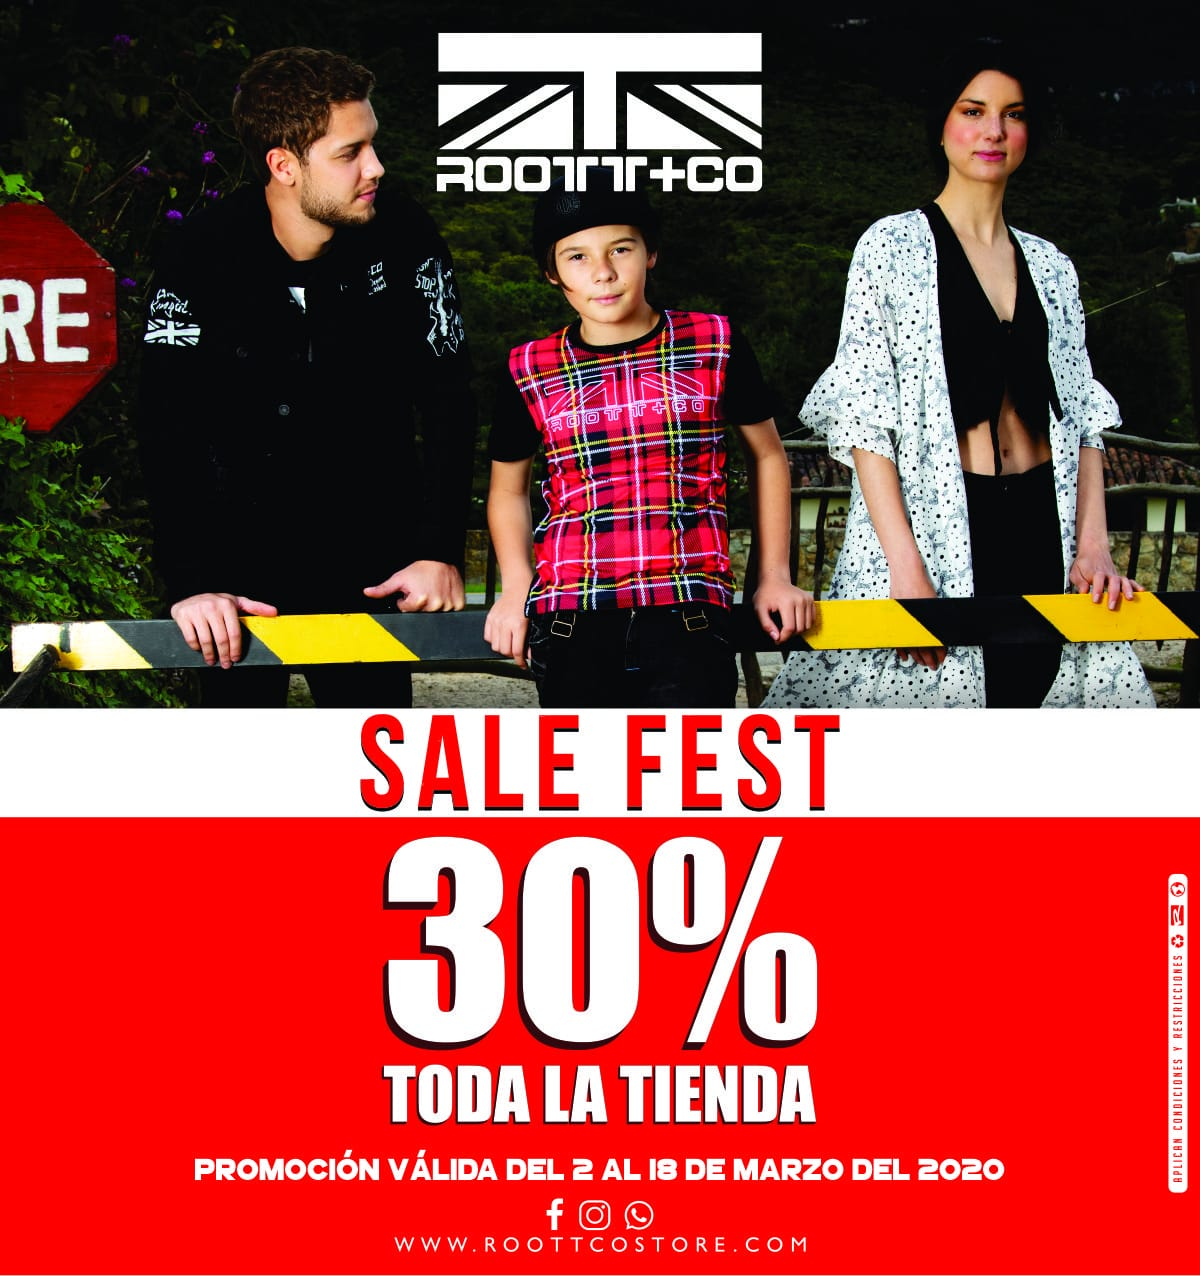 ROOTT+CO 30% DE DESCUENTO EN TODA LA TIENDA - UNICENTRO NEIVA